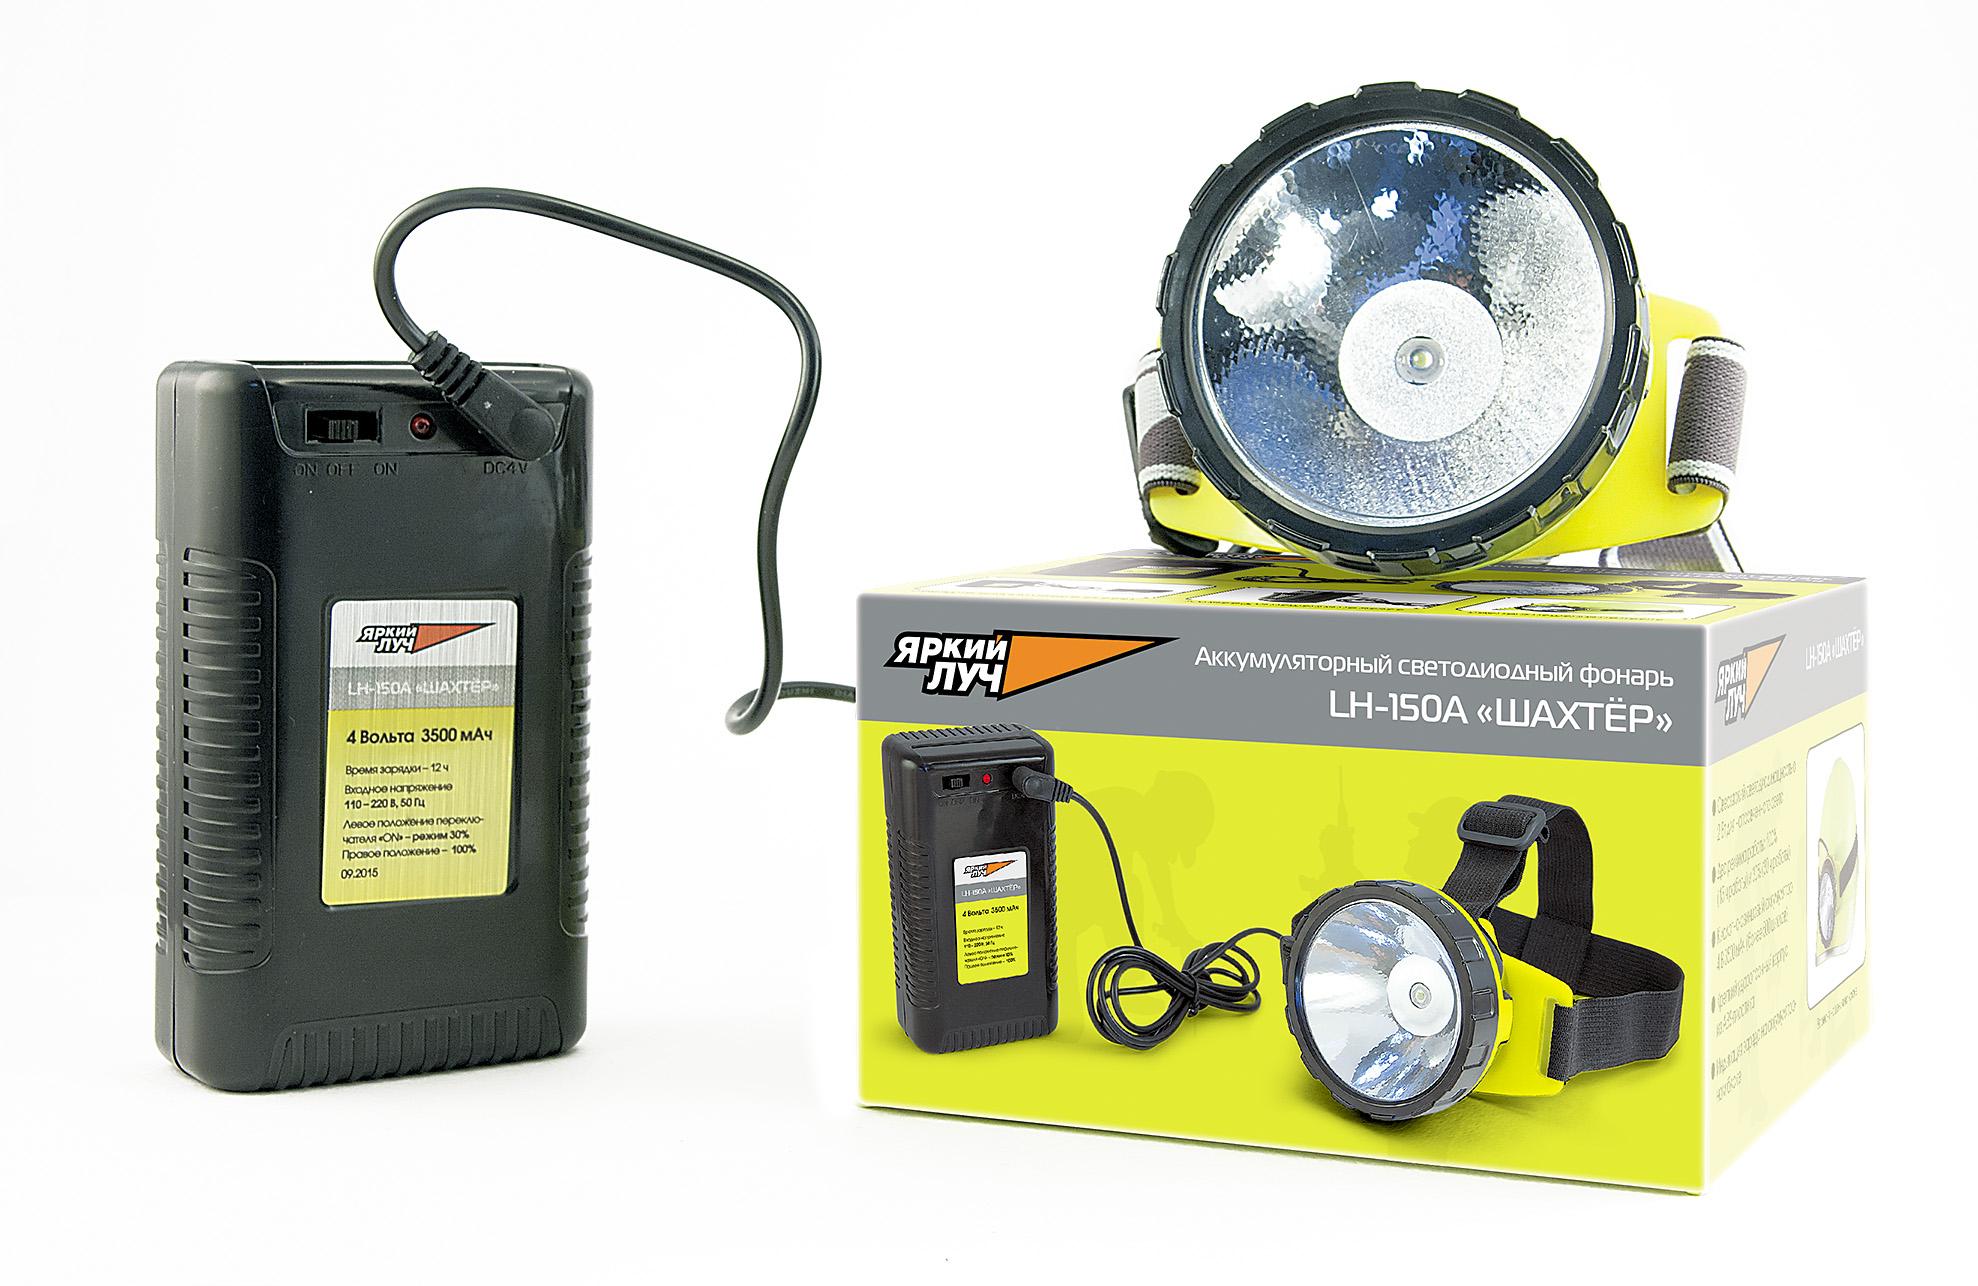 Фонарь ЯРКИЙ ЛУЧФонари<br>Источники питания: аккумулятор,<br>Тип аккумулятора: LiION,<br>Аккумулятор: 4,<br>Емкость аккумулятора: 3500,<br>Количество ламп: 1,<br>Тип лампы: светодиодная,<br>Тип: налобный,<br>Продолжительность работы: 30<br>